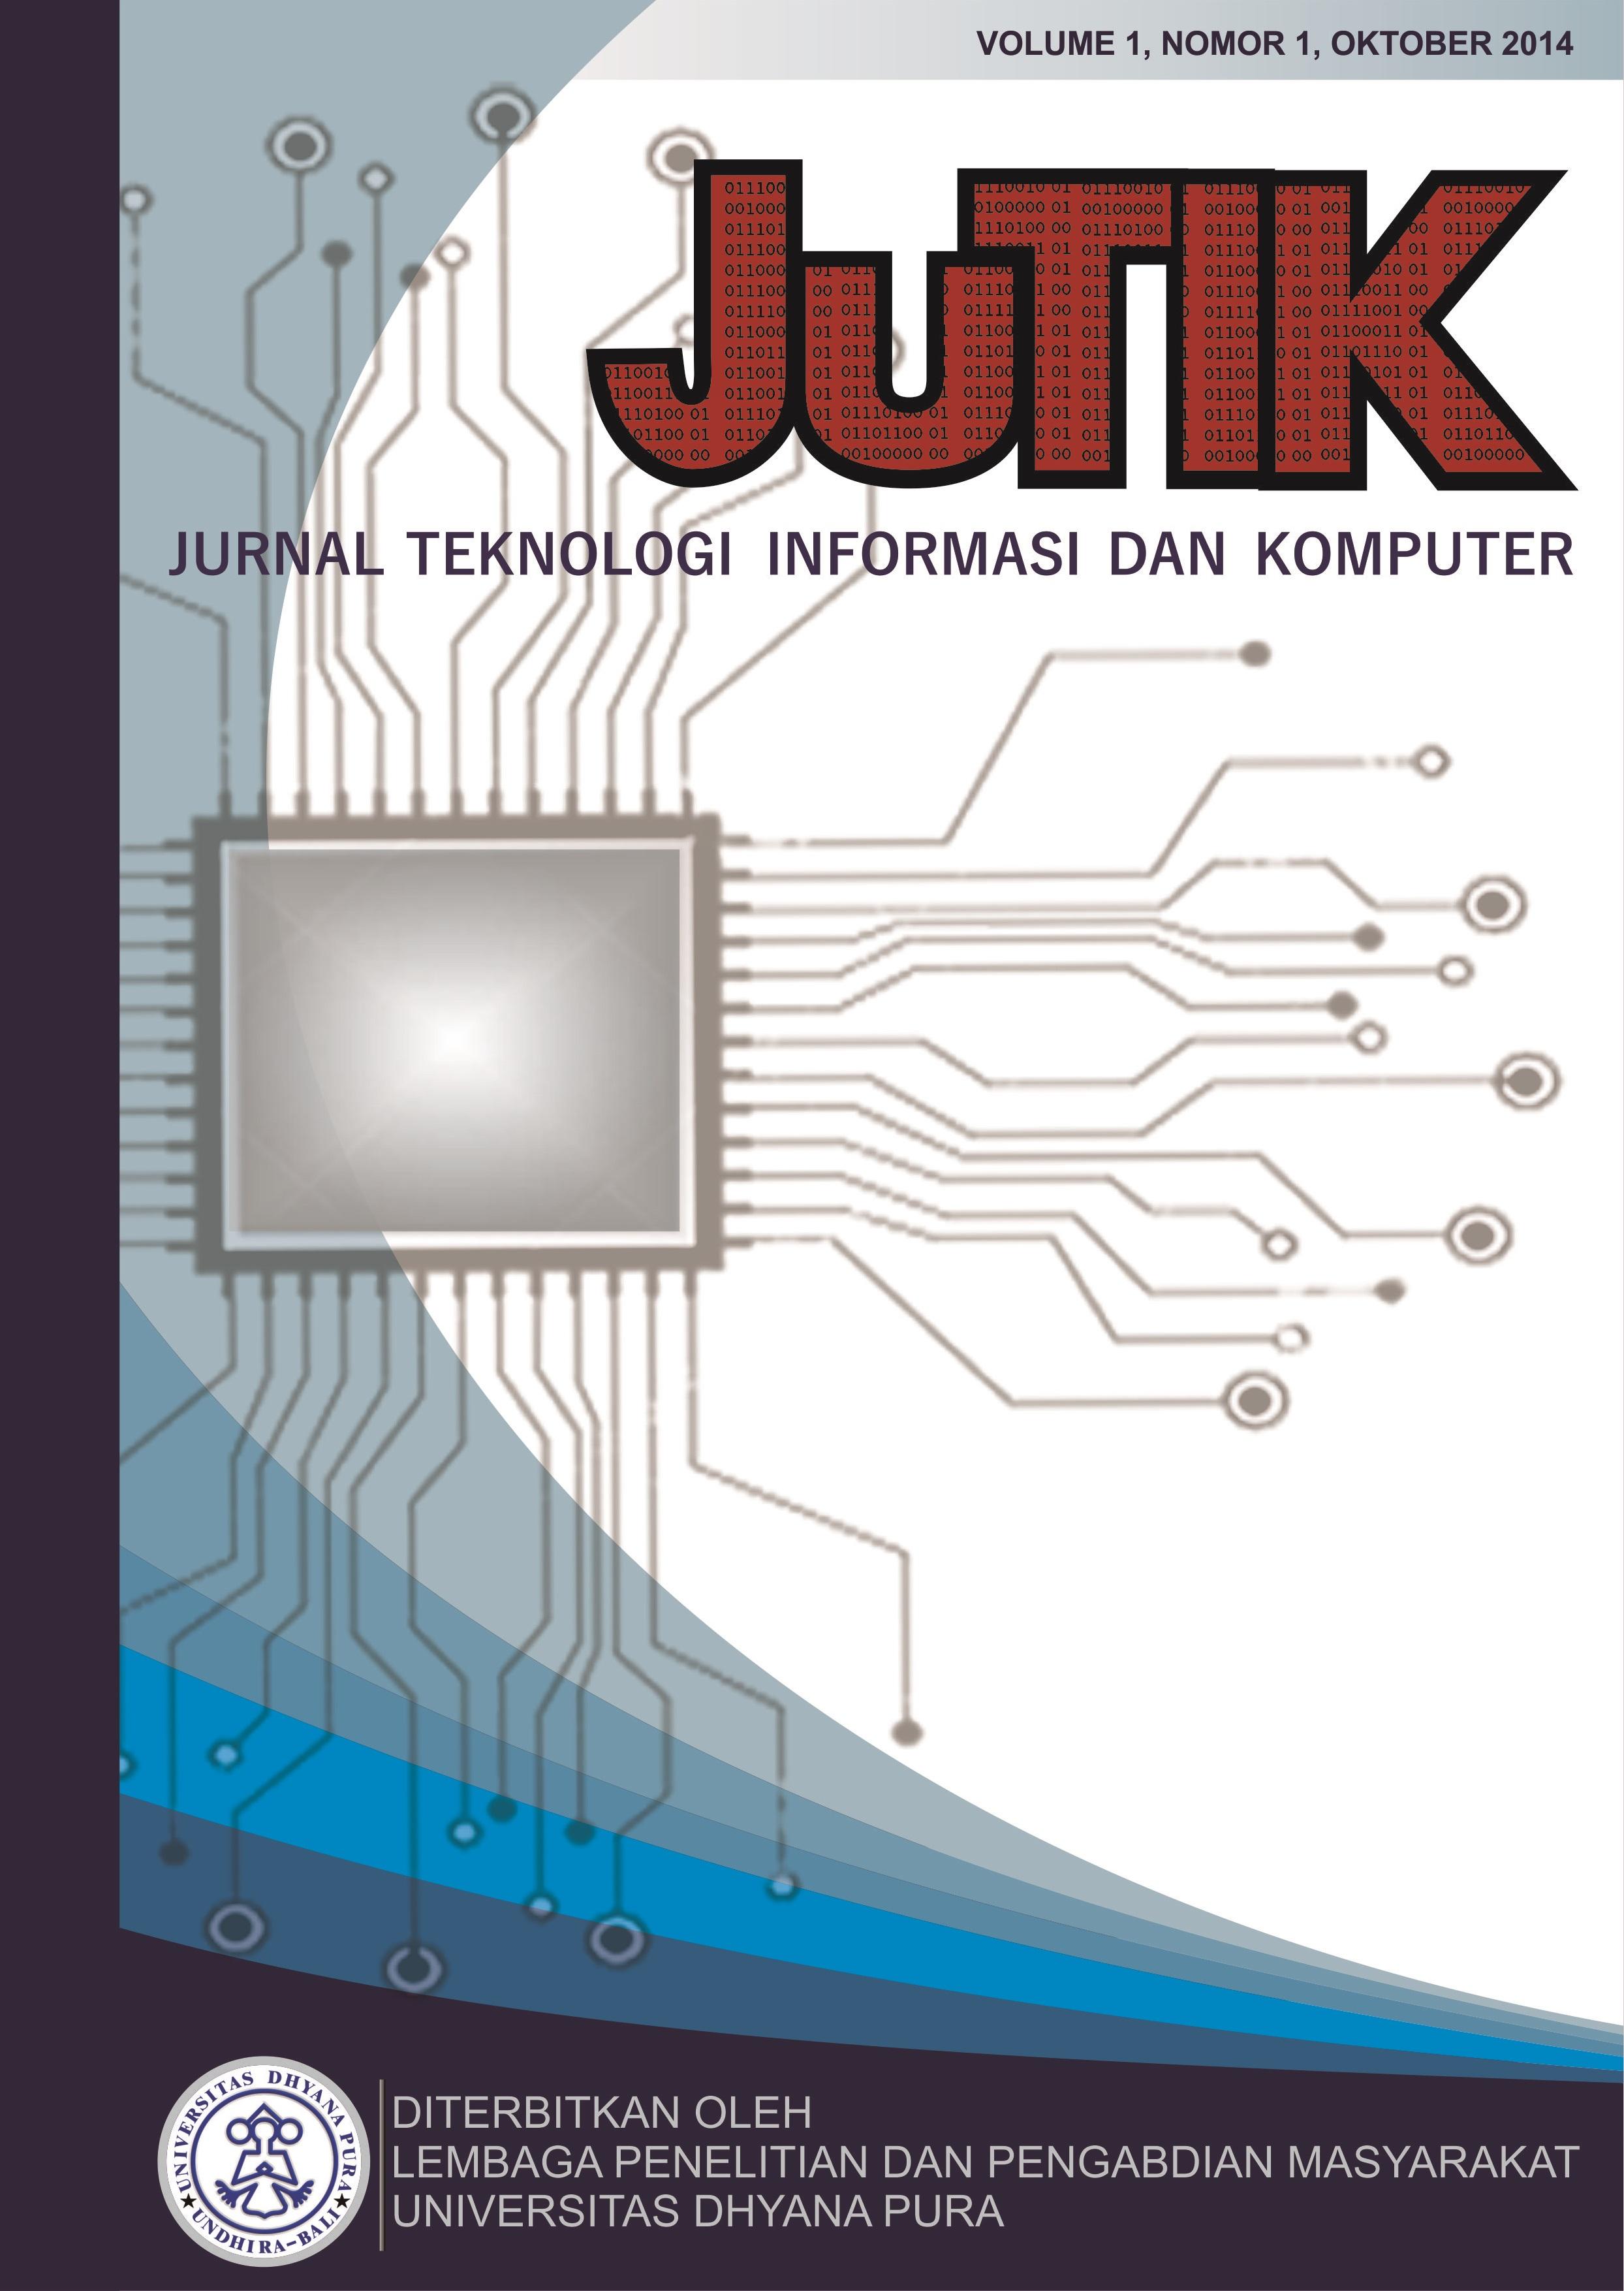 Jurnal Teknologi Informasi Dan Komputer